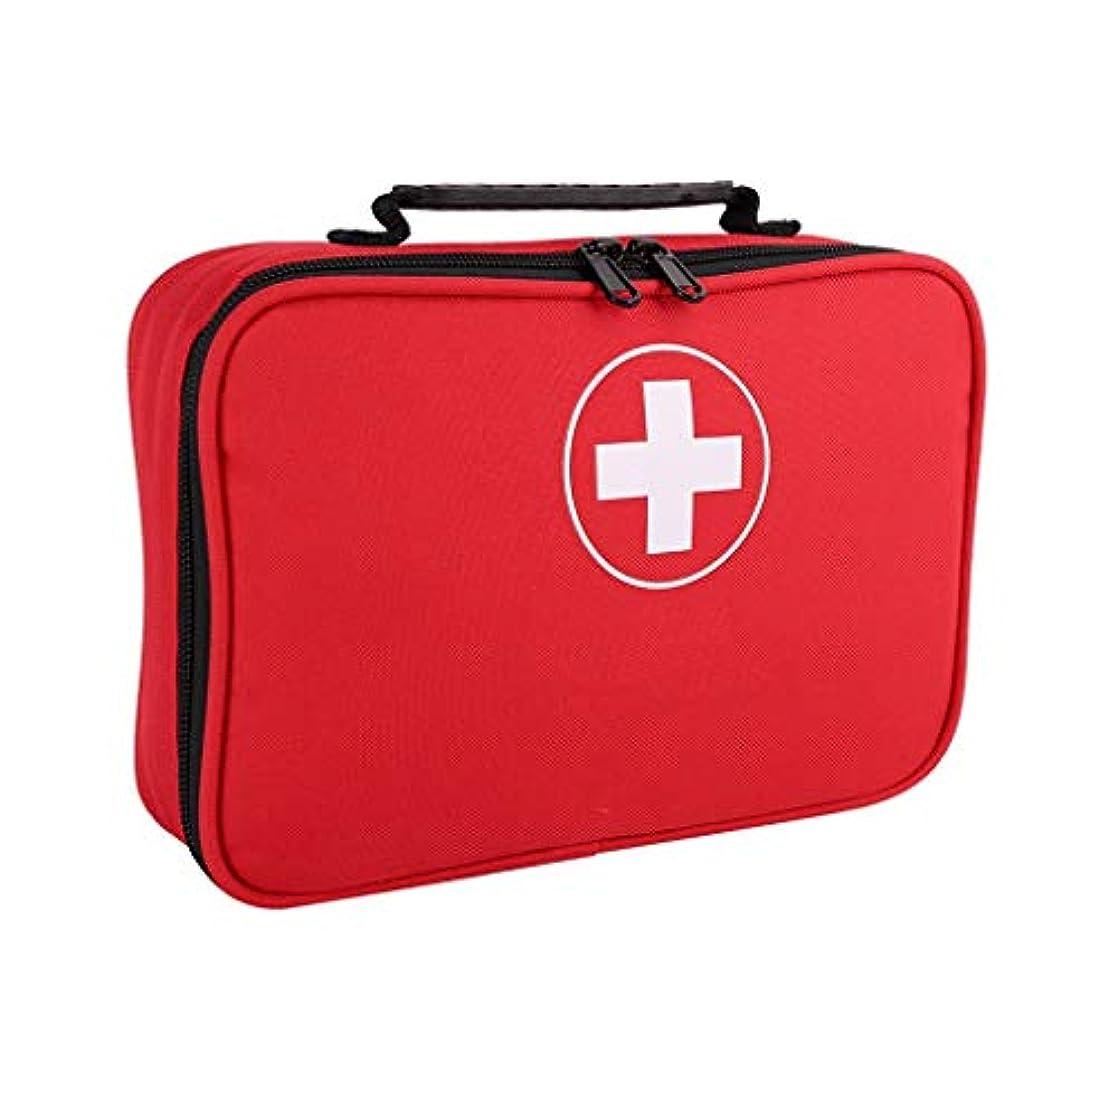 シリアル初期選択IUYWL ポータブル救急箱、外傷性地震救助キット、キャンプ医療キット、ハイキング屋外旅行緊急キット